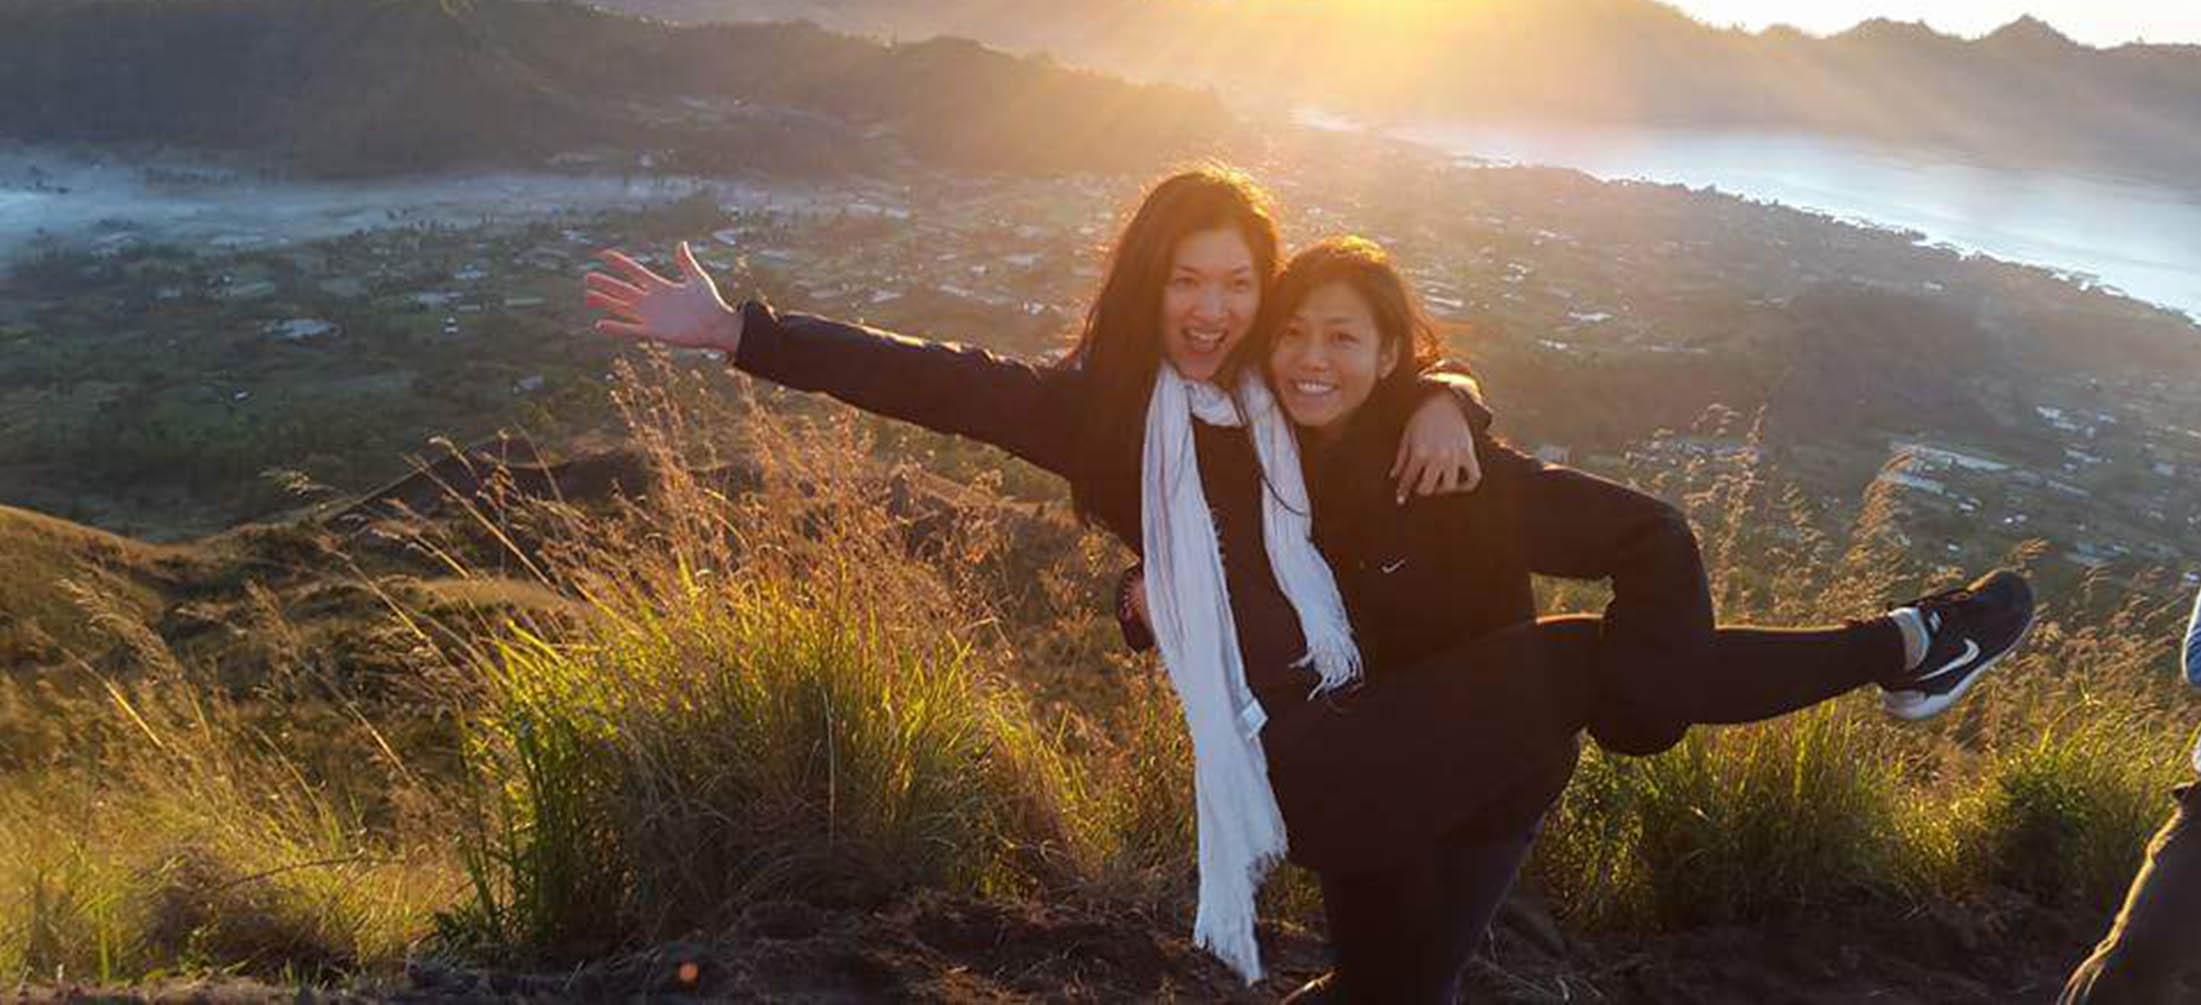 Mt Batur Peak photo 2 girls